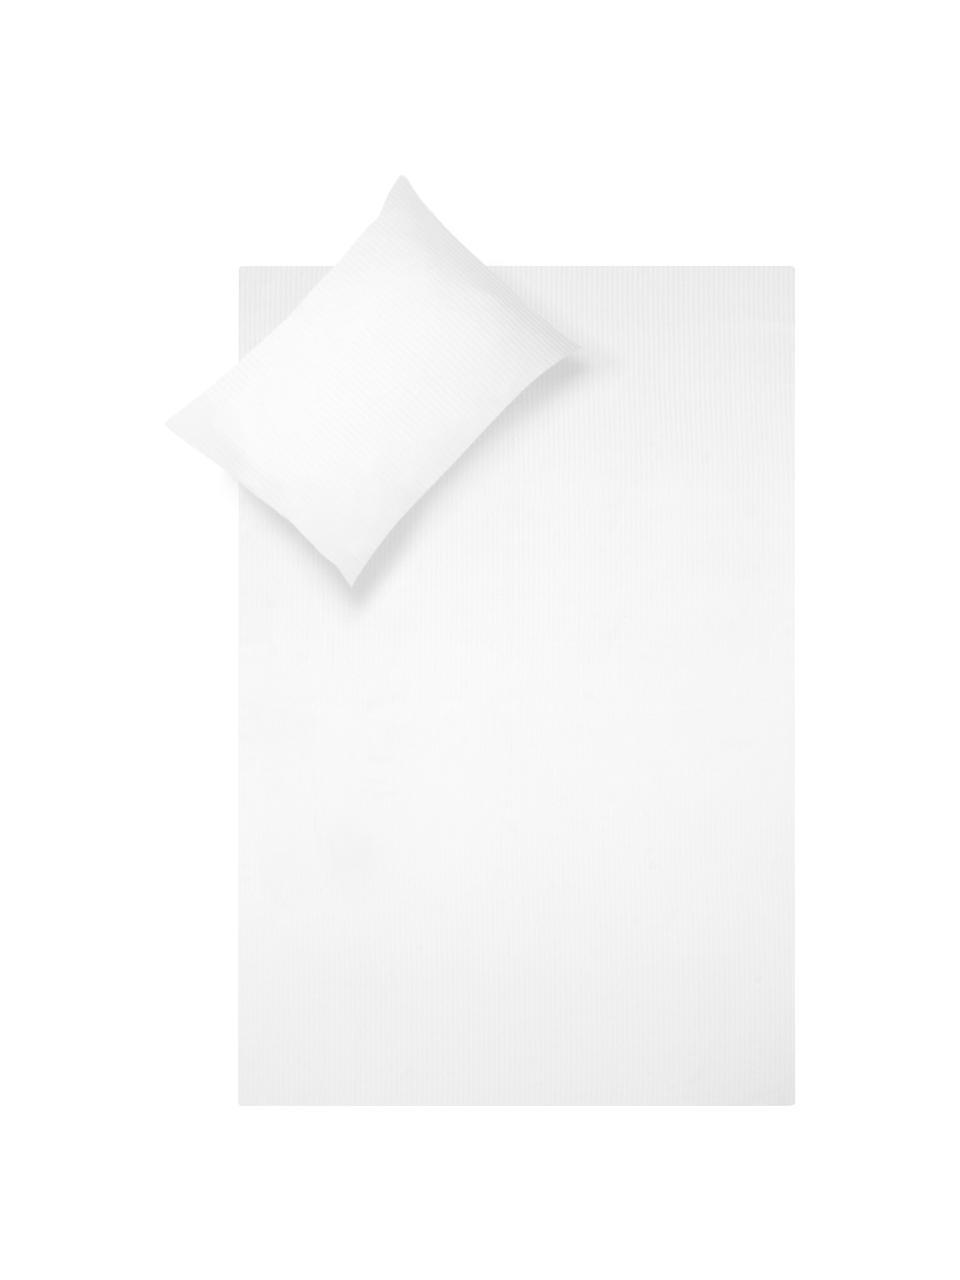 Parure copripiumino in raso di cotone Stella, Tessuto: raso Densità del filo 250, Bianco, 255 x 200 cm